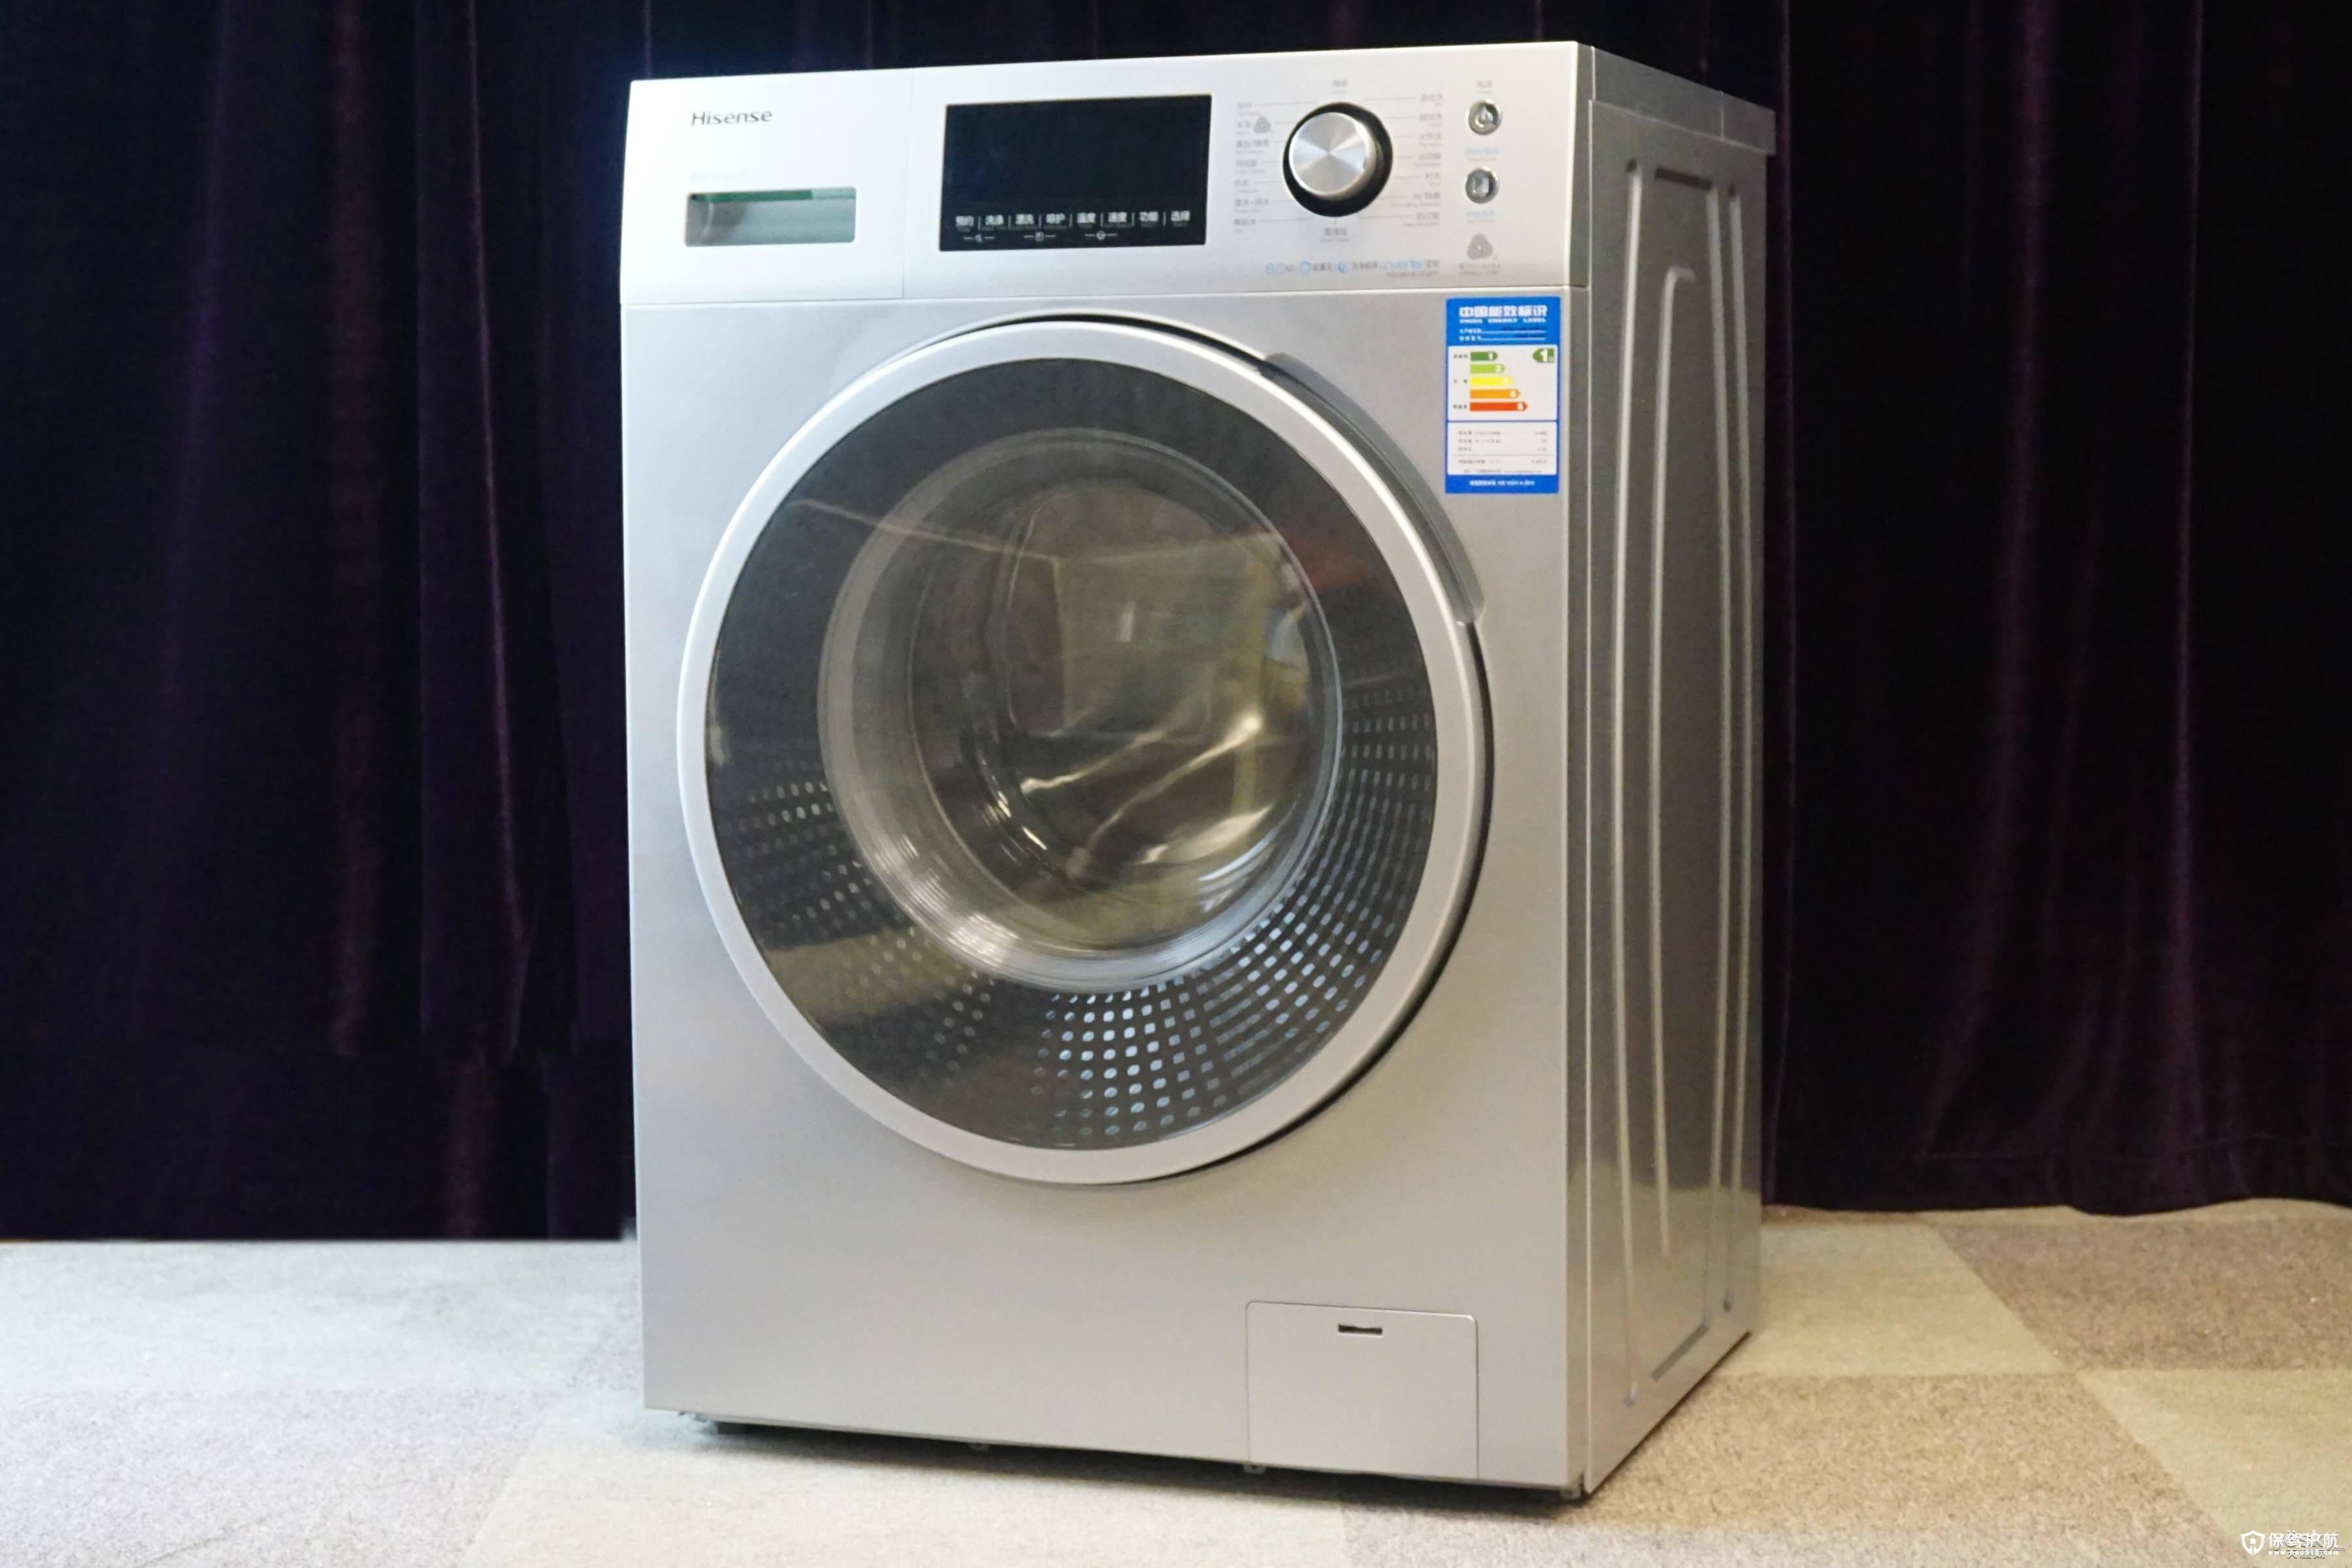 滚筒洗衣机十大排名一、西门子   西门子滚筒洗衣机稳居滚筒洗衣机质量排名的第一位,西门子家电是欧洲第二、世界第三大家电生产商,在德国本土更是一直稳居家电品牌首位。西门子滚筒洗衣机造型简约明朗,全封闭设计的135毫米的高面板和银色的机身彰显家电高质感,一体化前面板和全新的隐藏式门把手设计呈现出完美的品质魅力,超大视窗设计,不但有利于方便取放衣物而且能真实掌握筒内洗涤状态。   滚筒洗衣机十大排名二、海尔   大家都知道海尔是一家国内的知名品牌。一般我们量衣定时,洗好衣服只需29分钟; 同时还有自动挡功